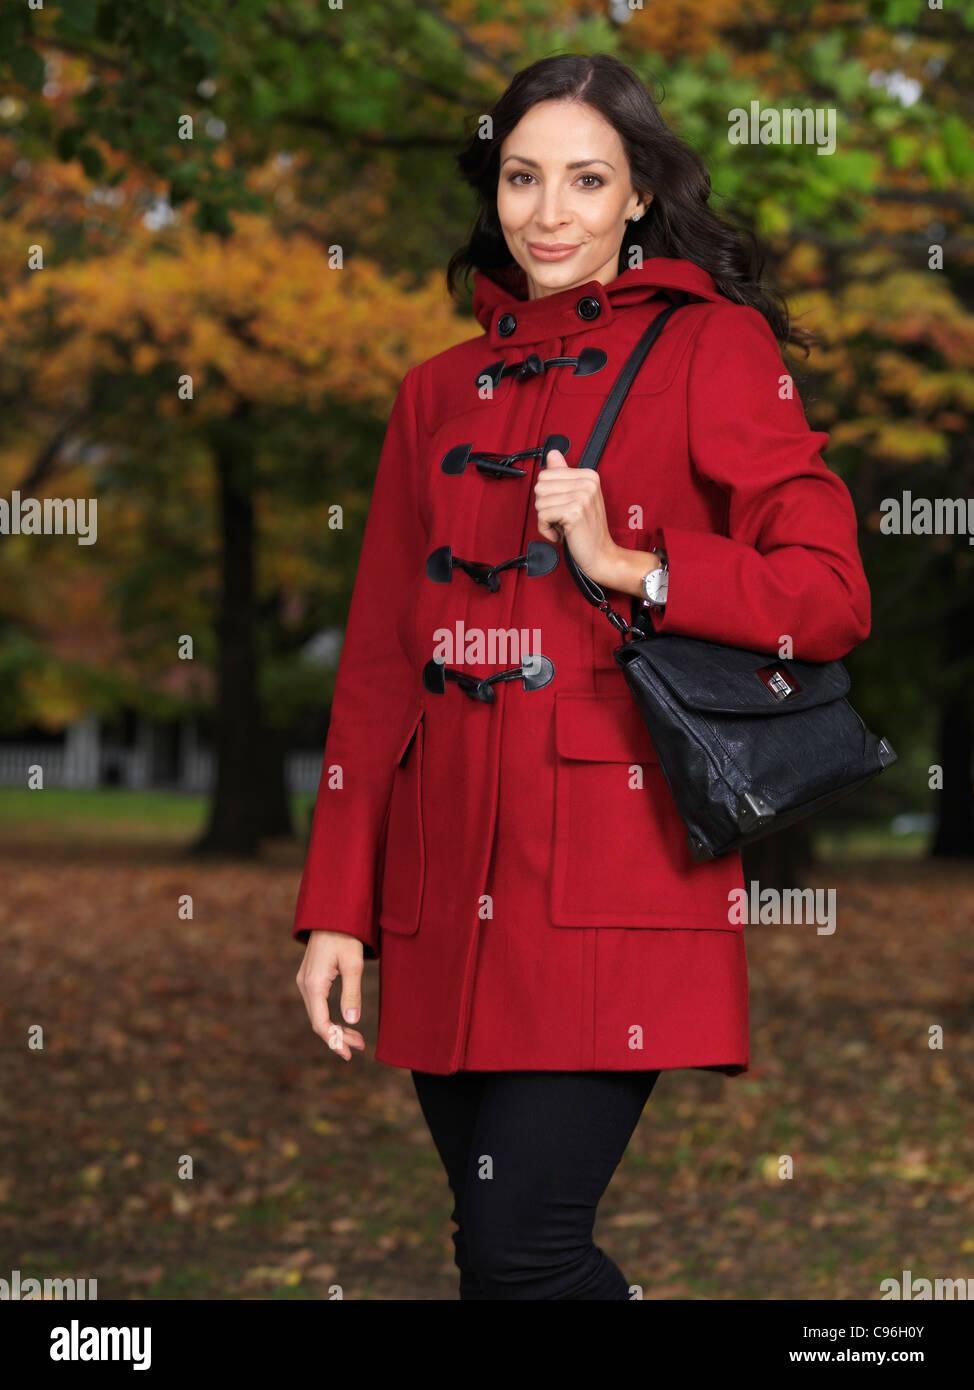 Schöne junge Frau trägt einen roten Mantel Stand auf einer Stadtstraße im Herbst Stockfoto